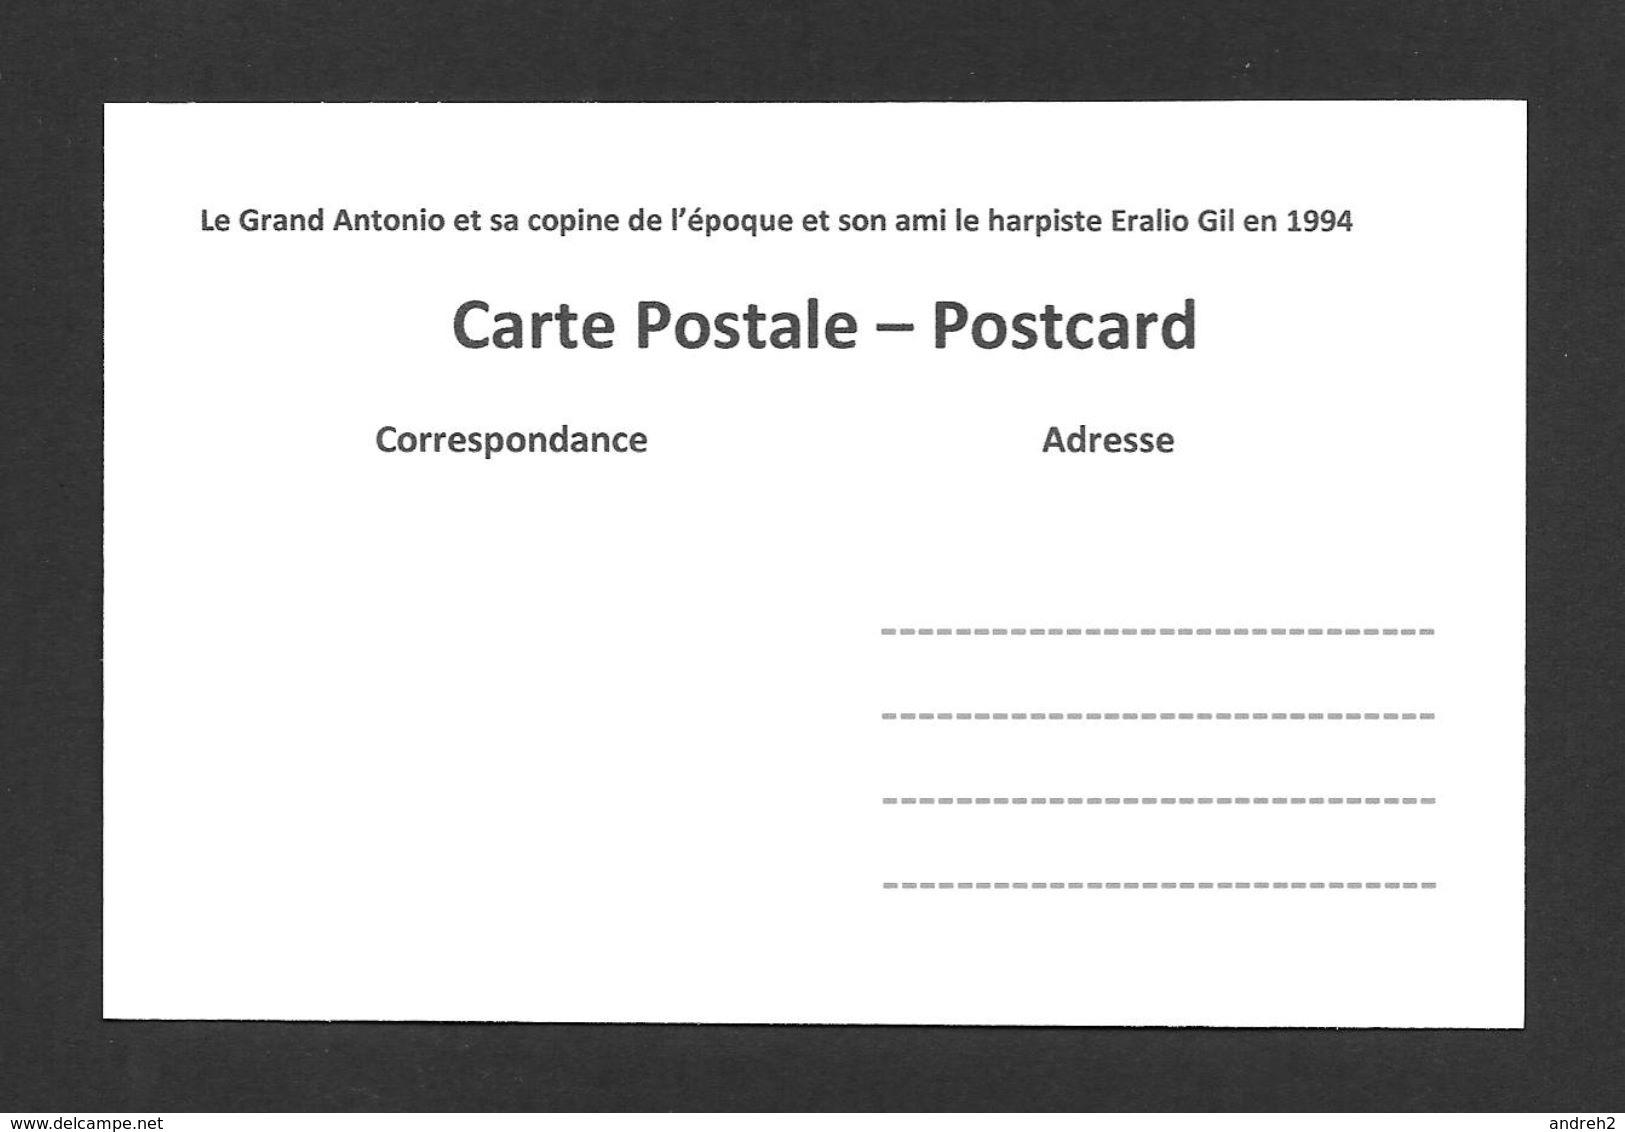 SPORTS - LE GRAND ANTONIO LUTTEUR ET HOMME FORT - LE GRAND ANTONIO ET SA COPINE ET SON AMI ERALIO GIL HARPISTE EN 1994 - Lutte